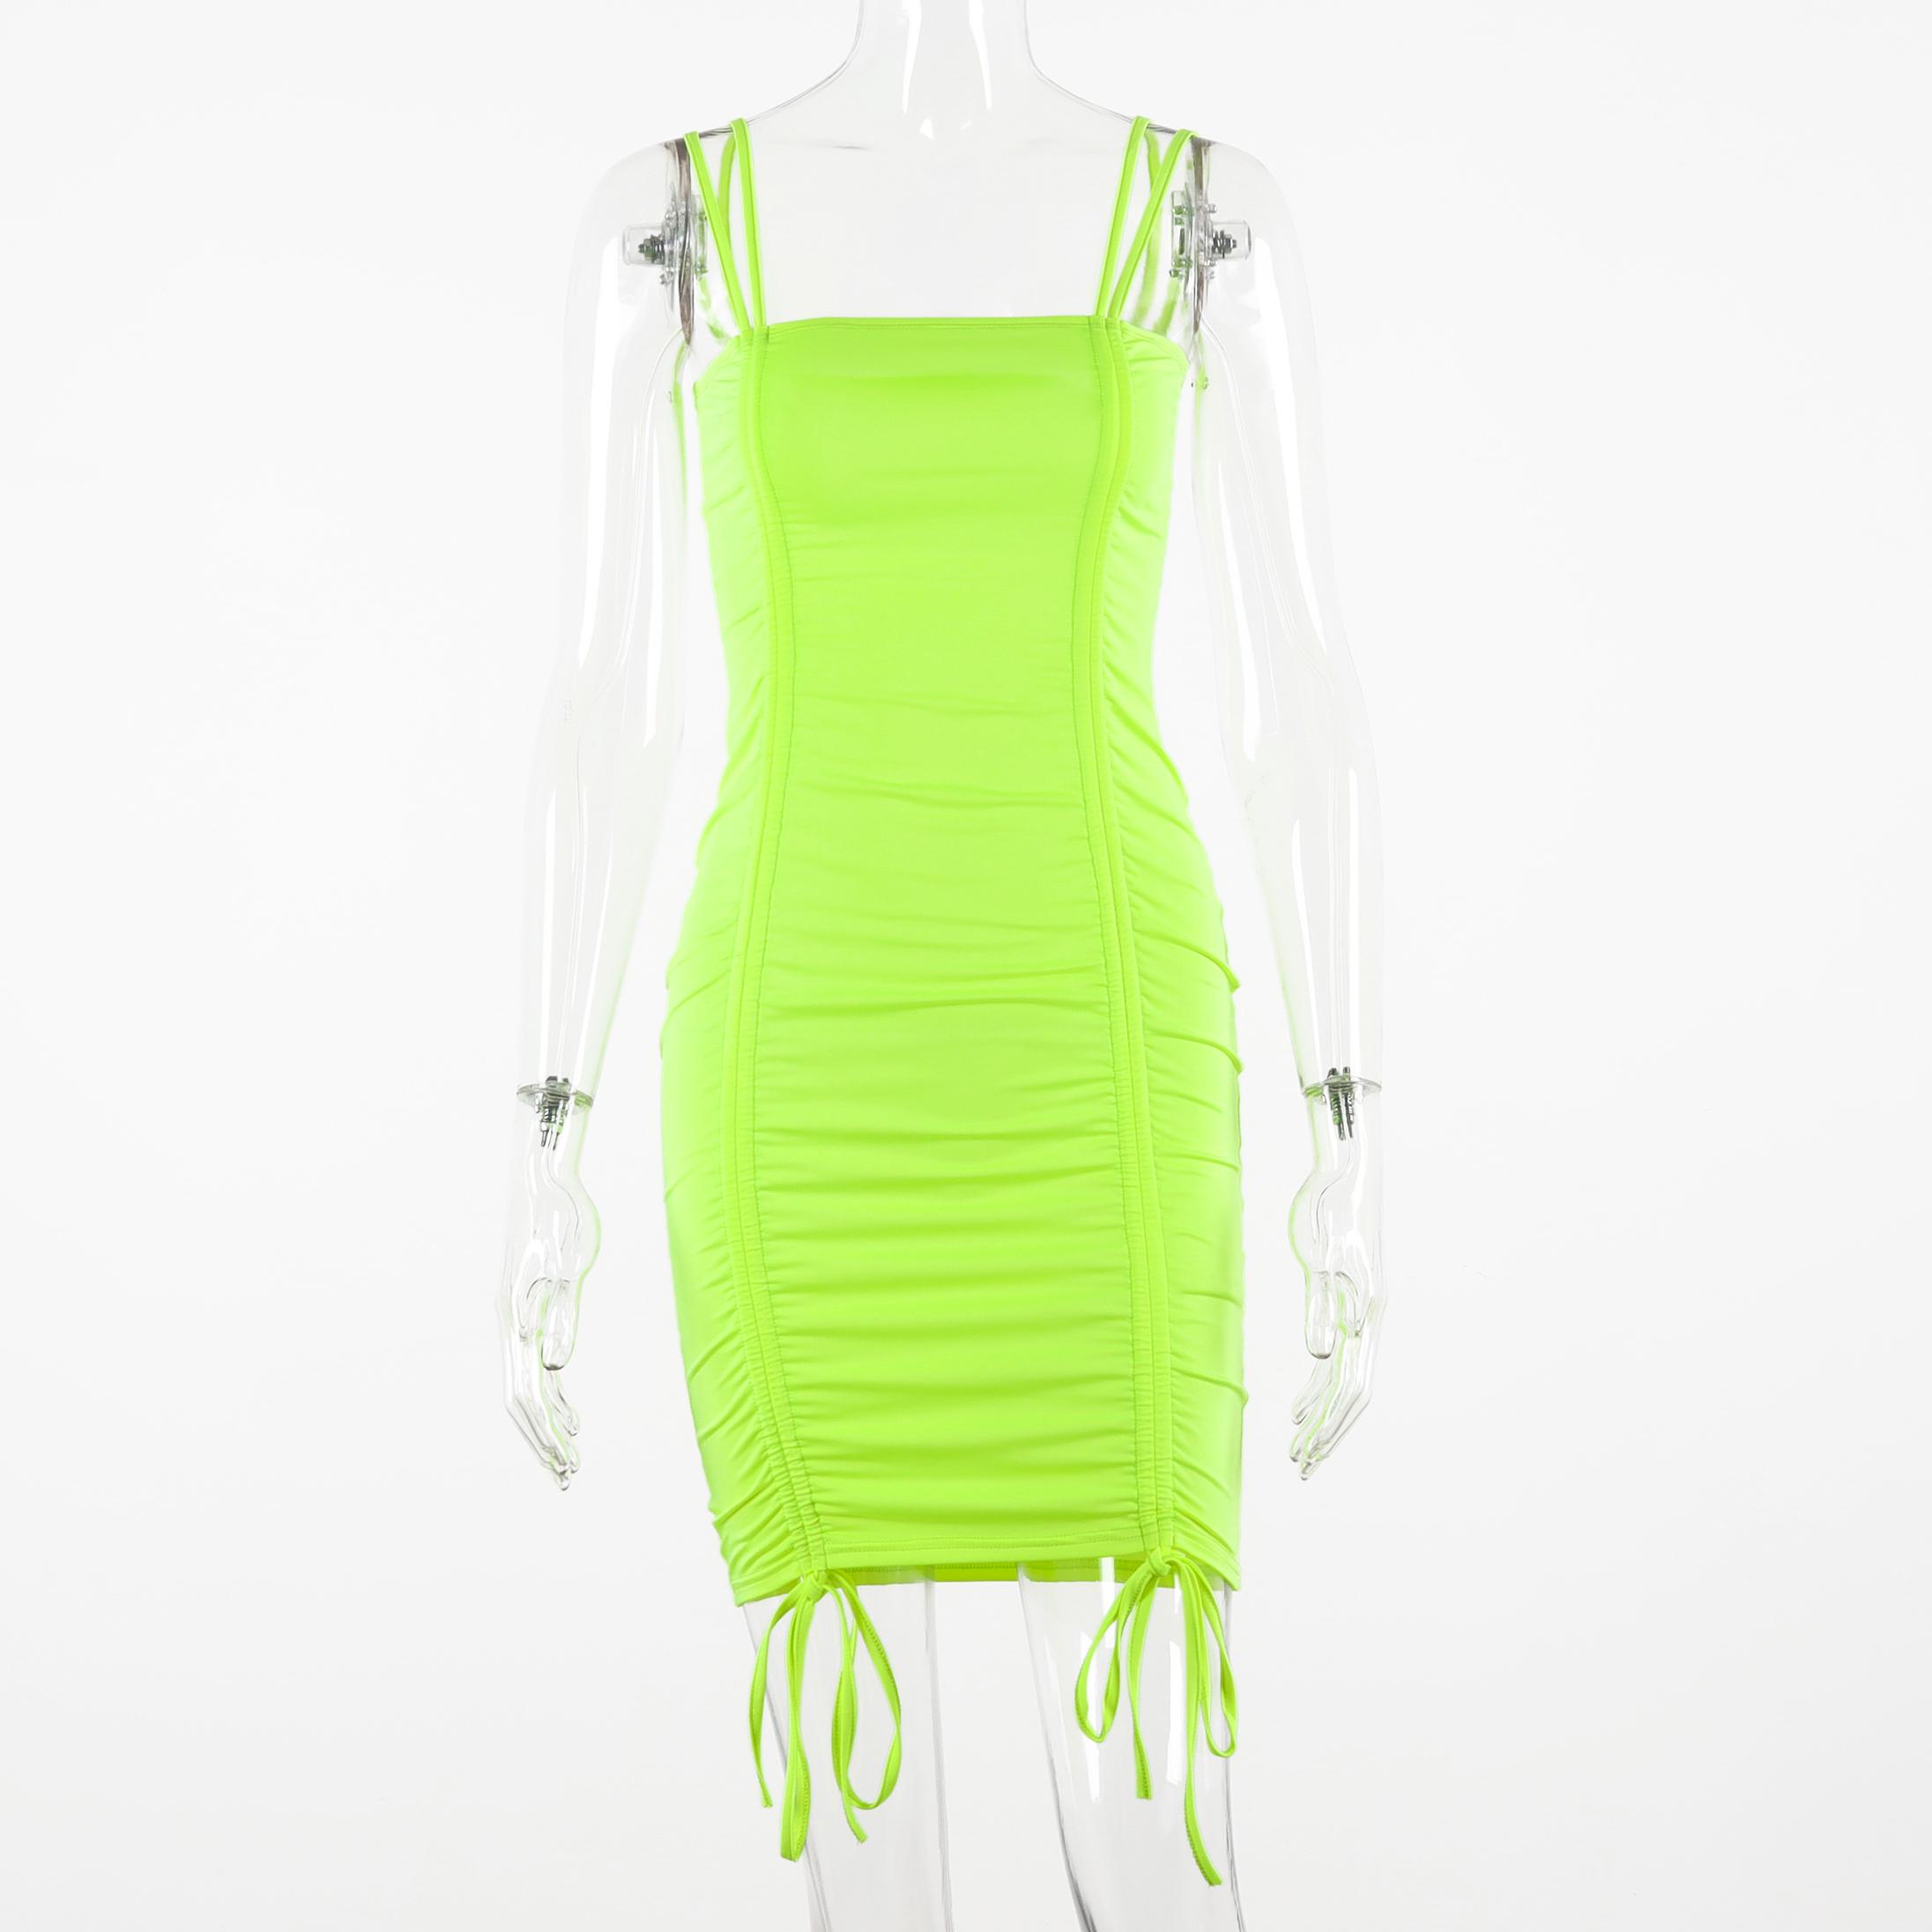 Hugcitar 2020 без рукавов на бретельках лямках с рюшами сексуальные мини-платье на осень-зиму женское Клубные вечерние неоновое зеленое наряды(Китай)